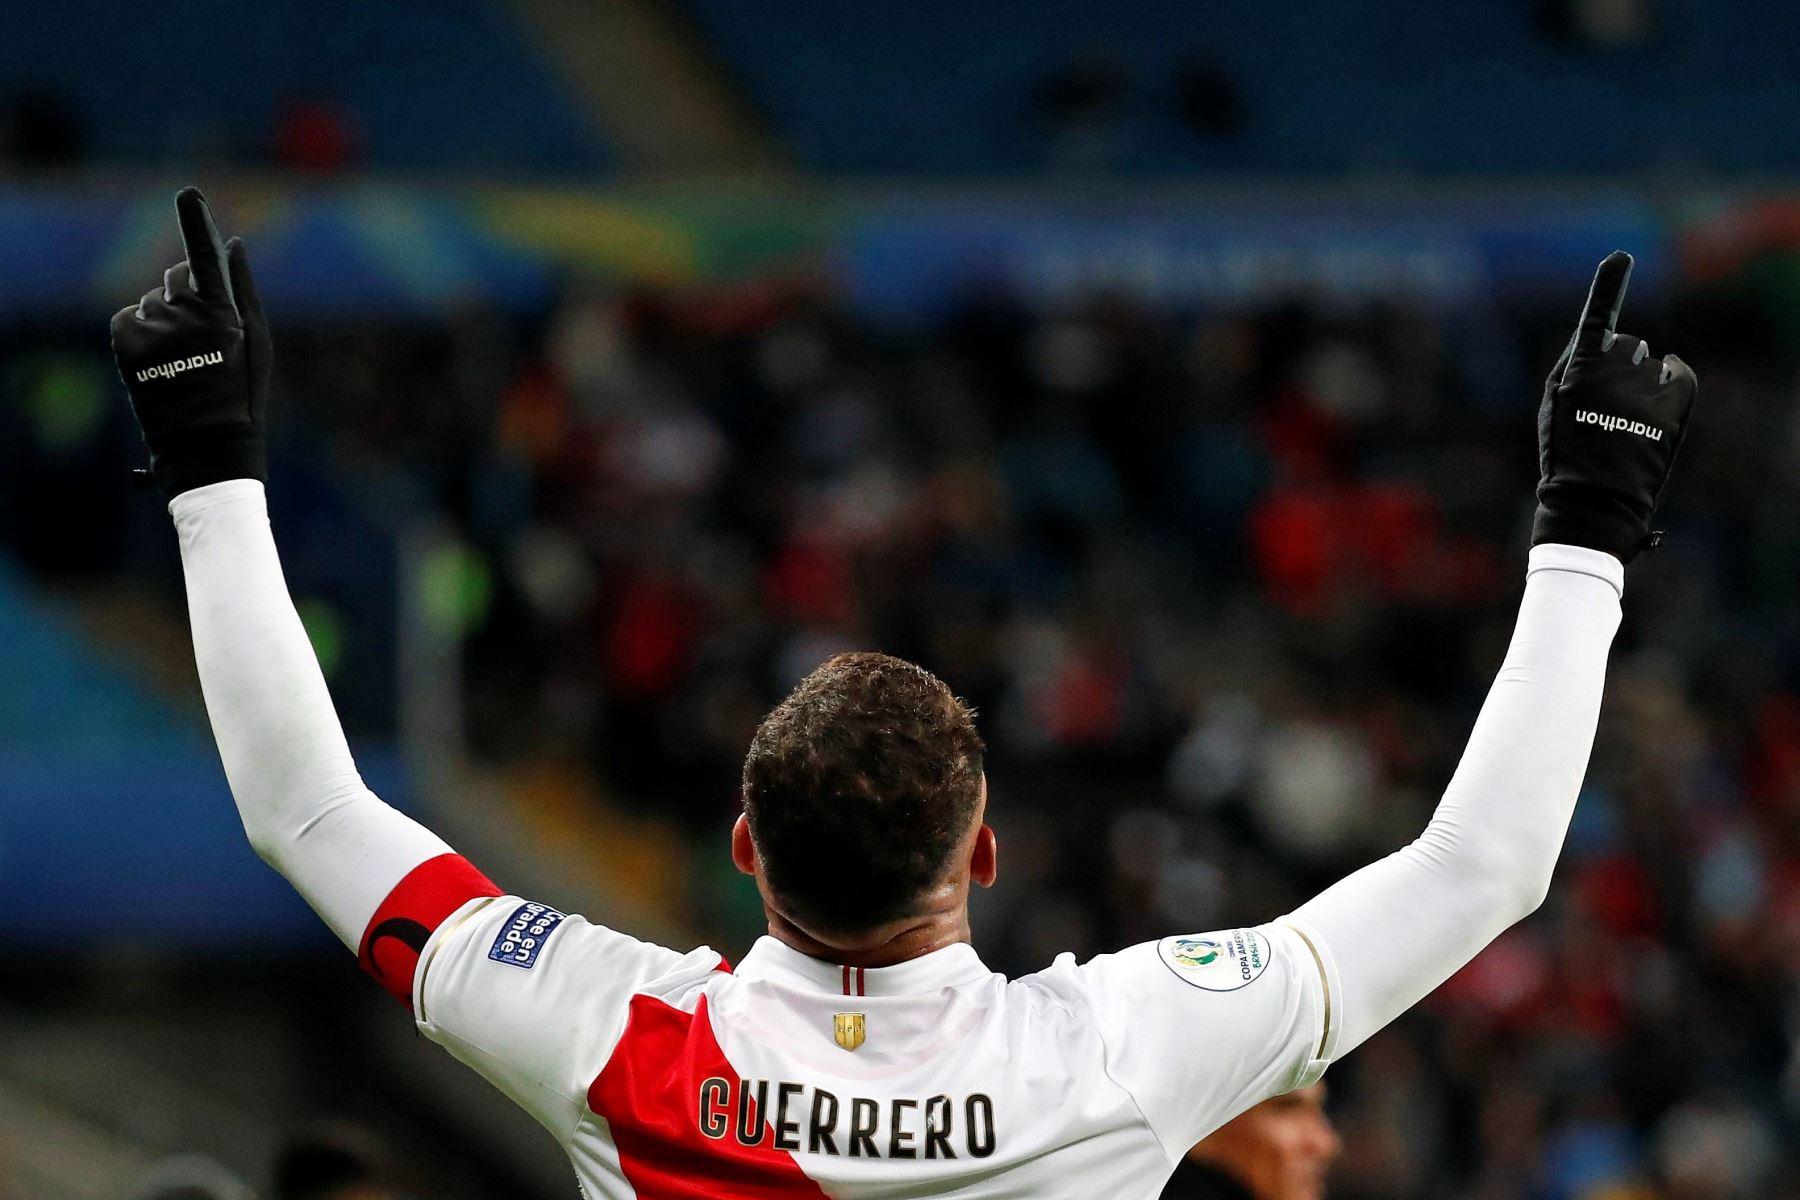 El jugador de Perú Paolo Guerrero celebra un gol durante el partido Chile-Perú de semifinales de la Copa América de Fútbol 2019. Foto: EFE